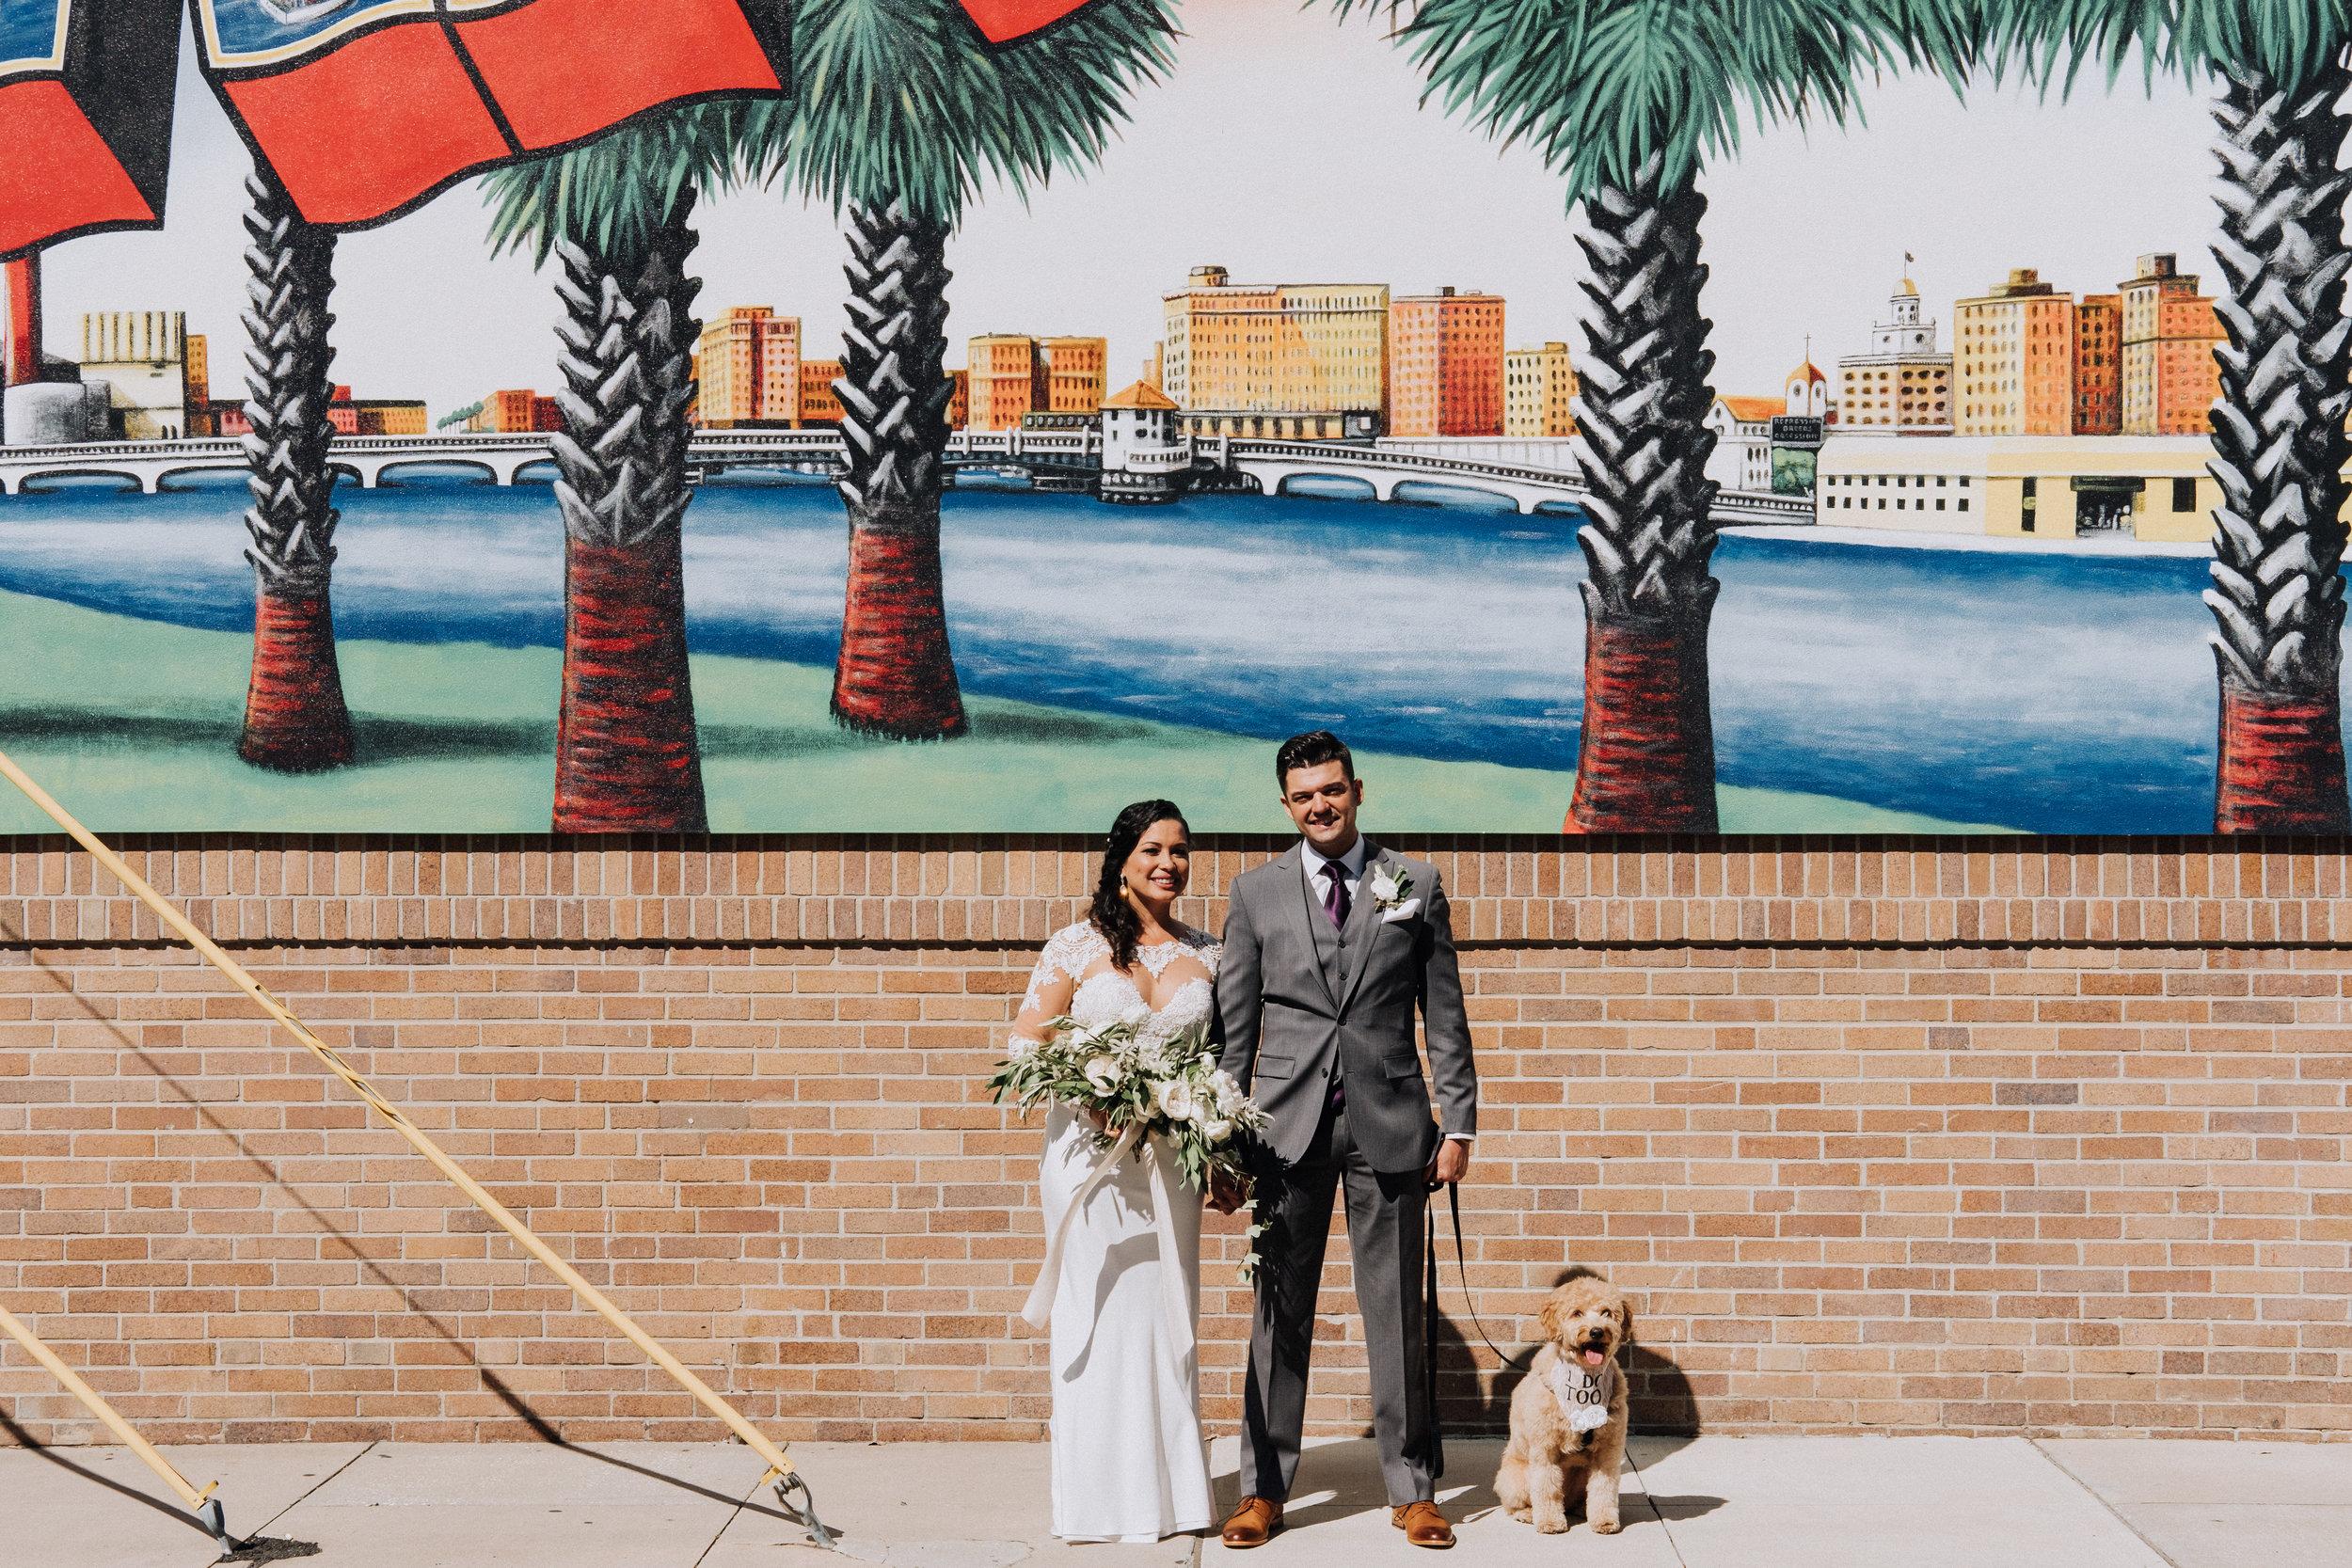 Tampa St. Bride & Groom.jpg